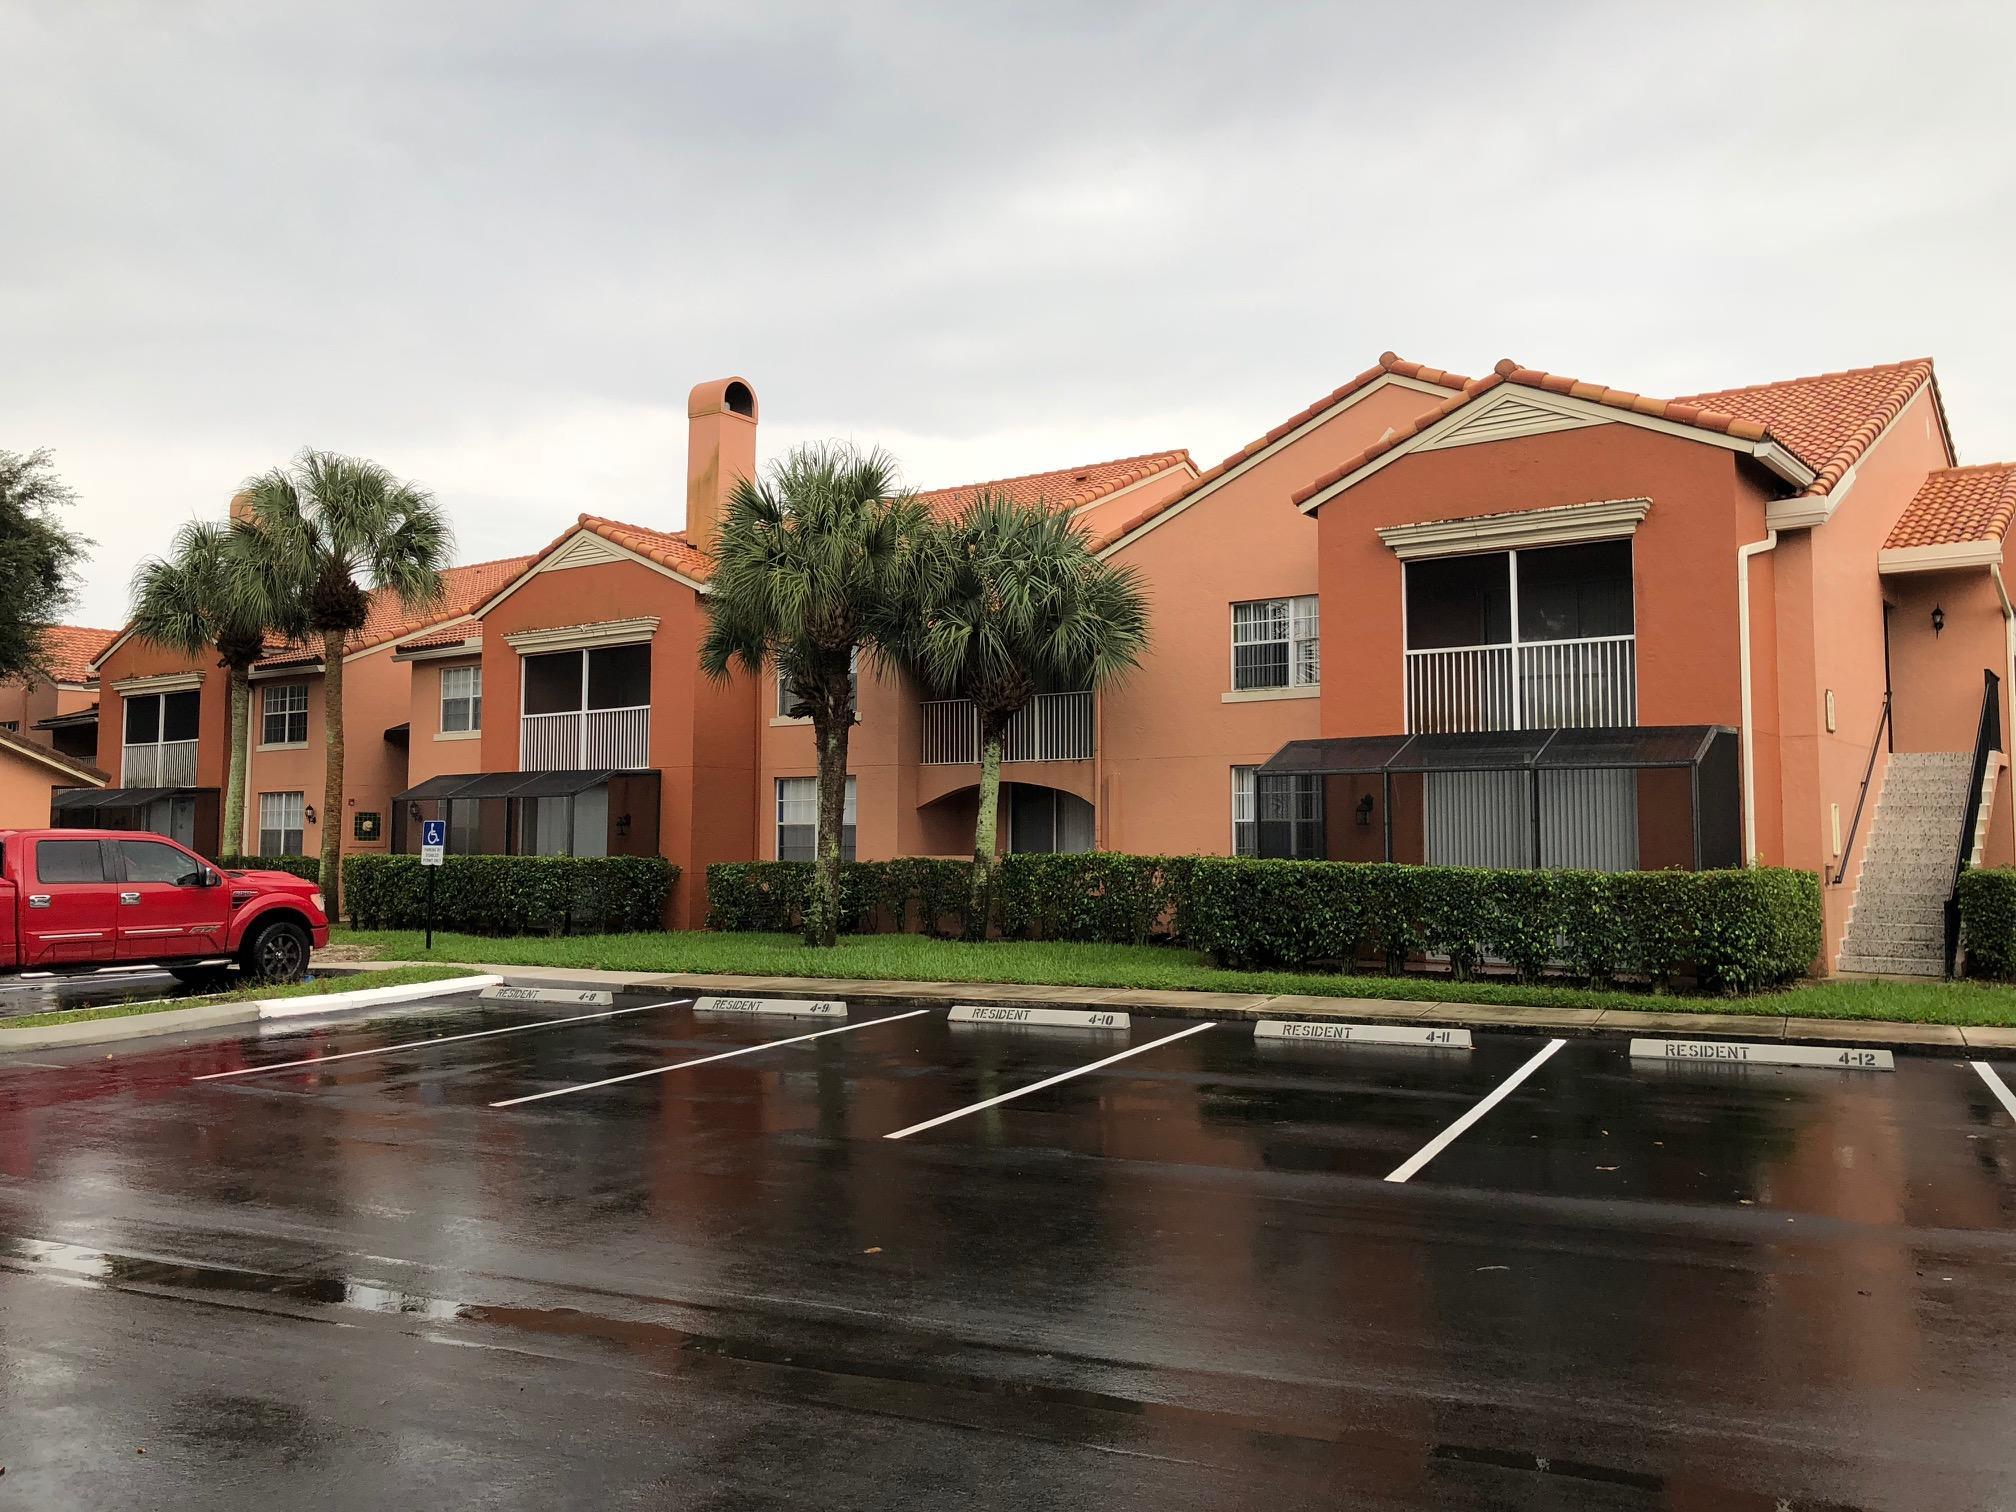 3237 Clint Moore Road #107 Boca Raton, FL 33496